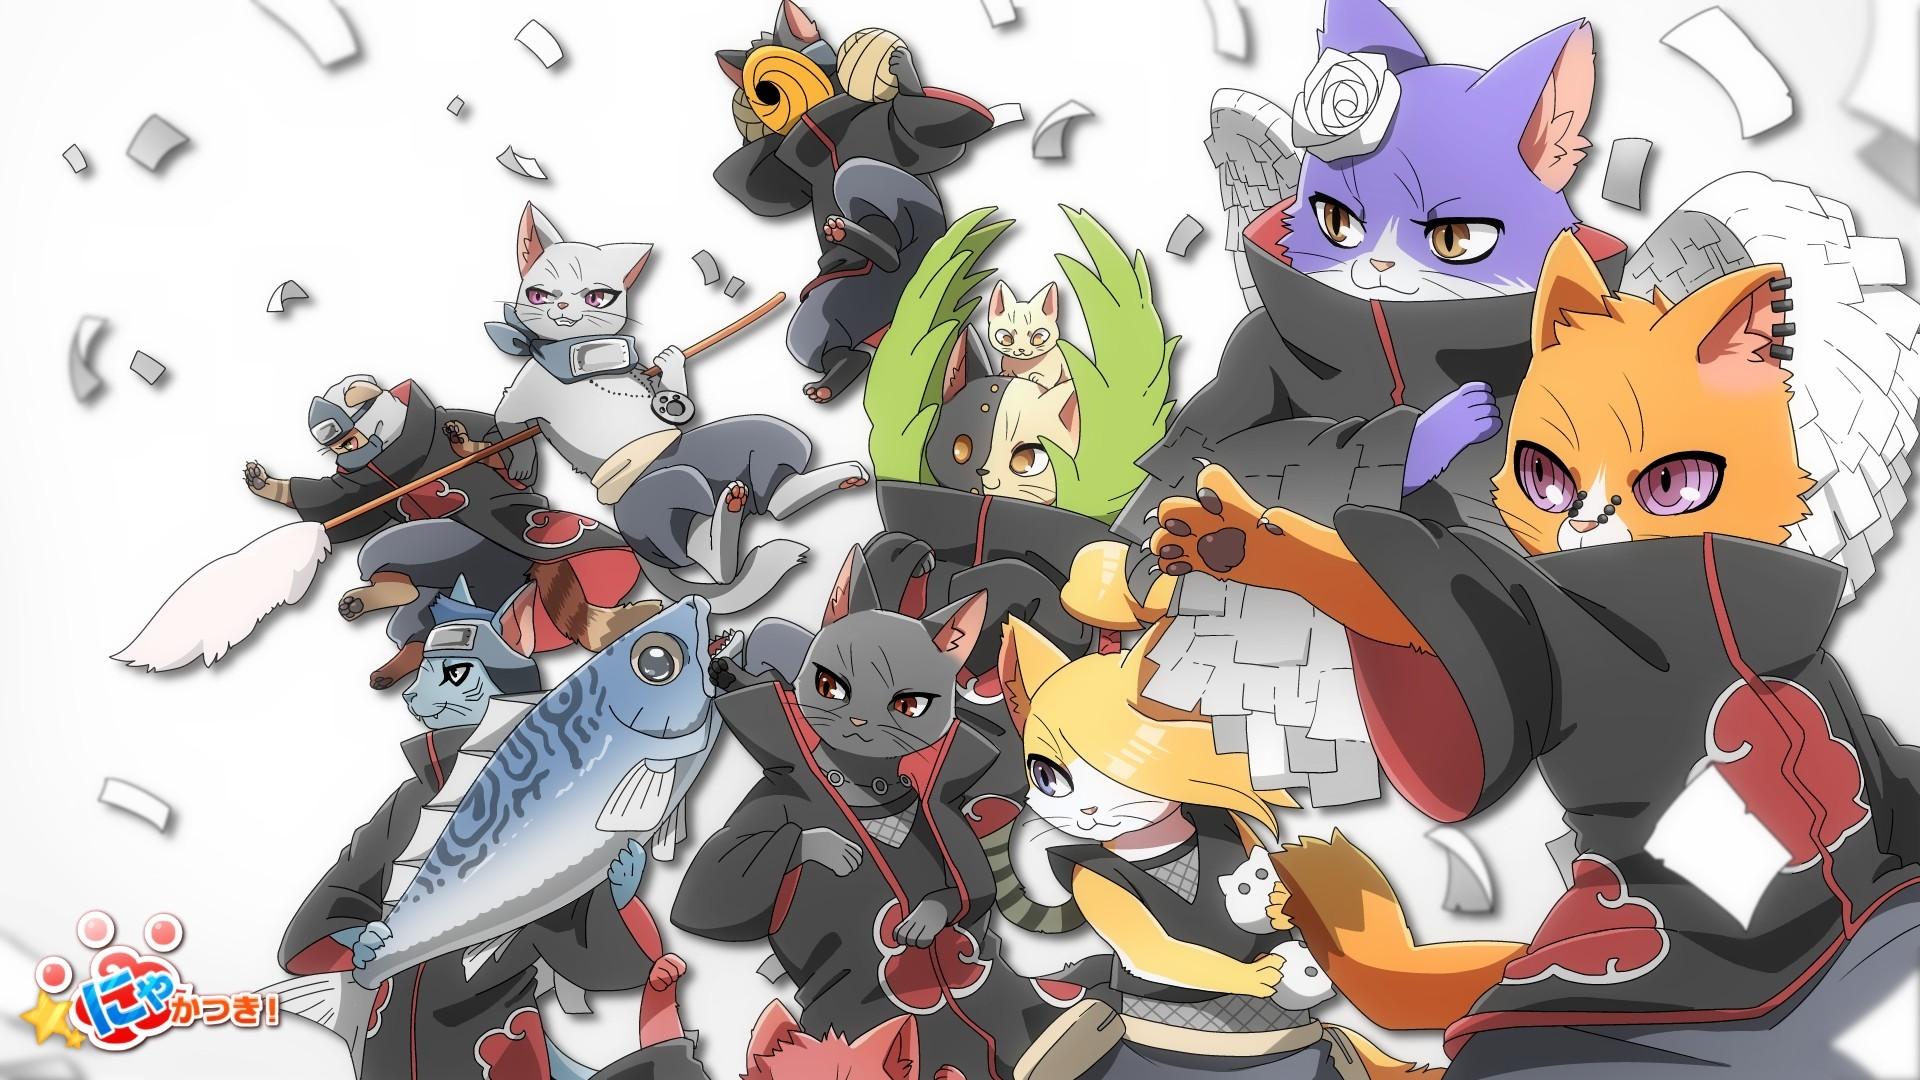 Res: 1920x1080, Anime - Naruto Itachi Uchiha Zetsu (Naruto) Hidan (Naruto) Kisame Hoshigaki  Konan